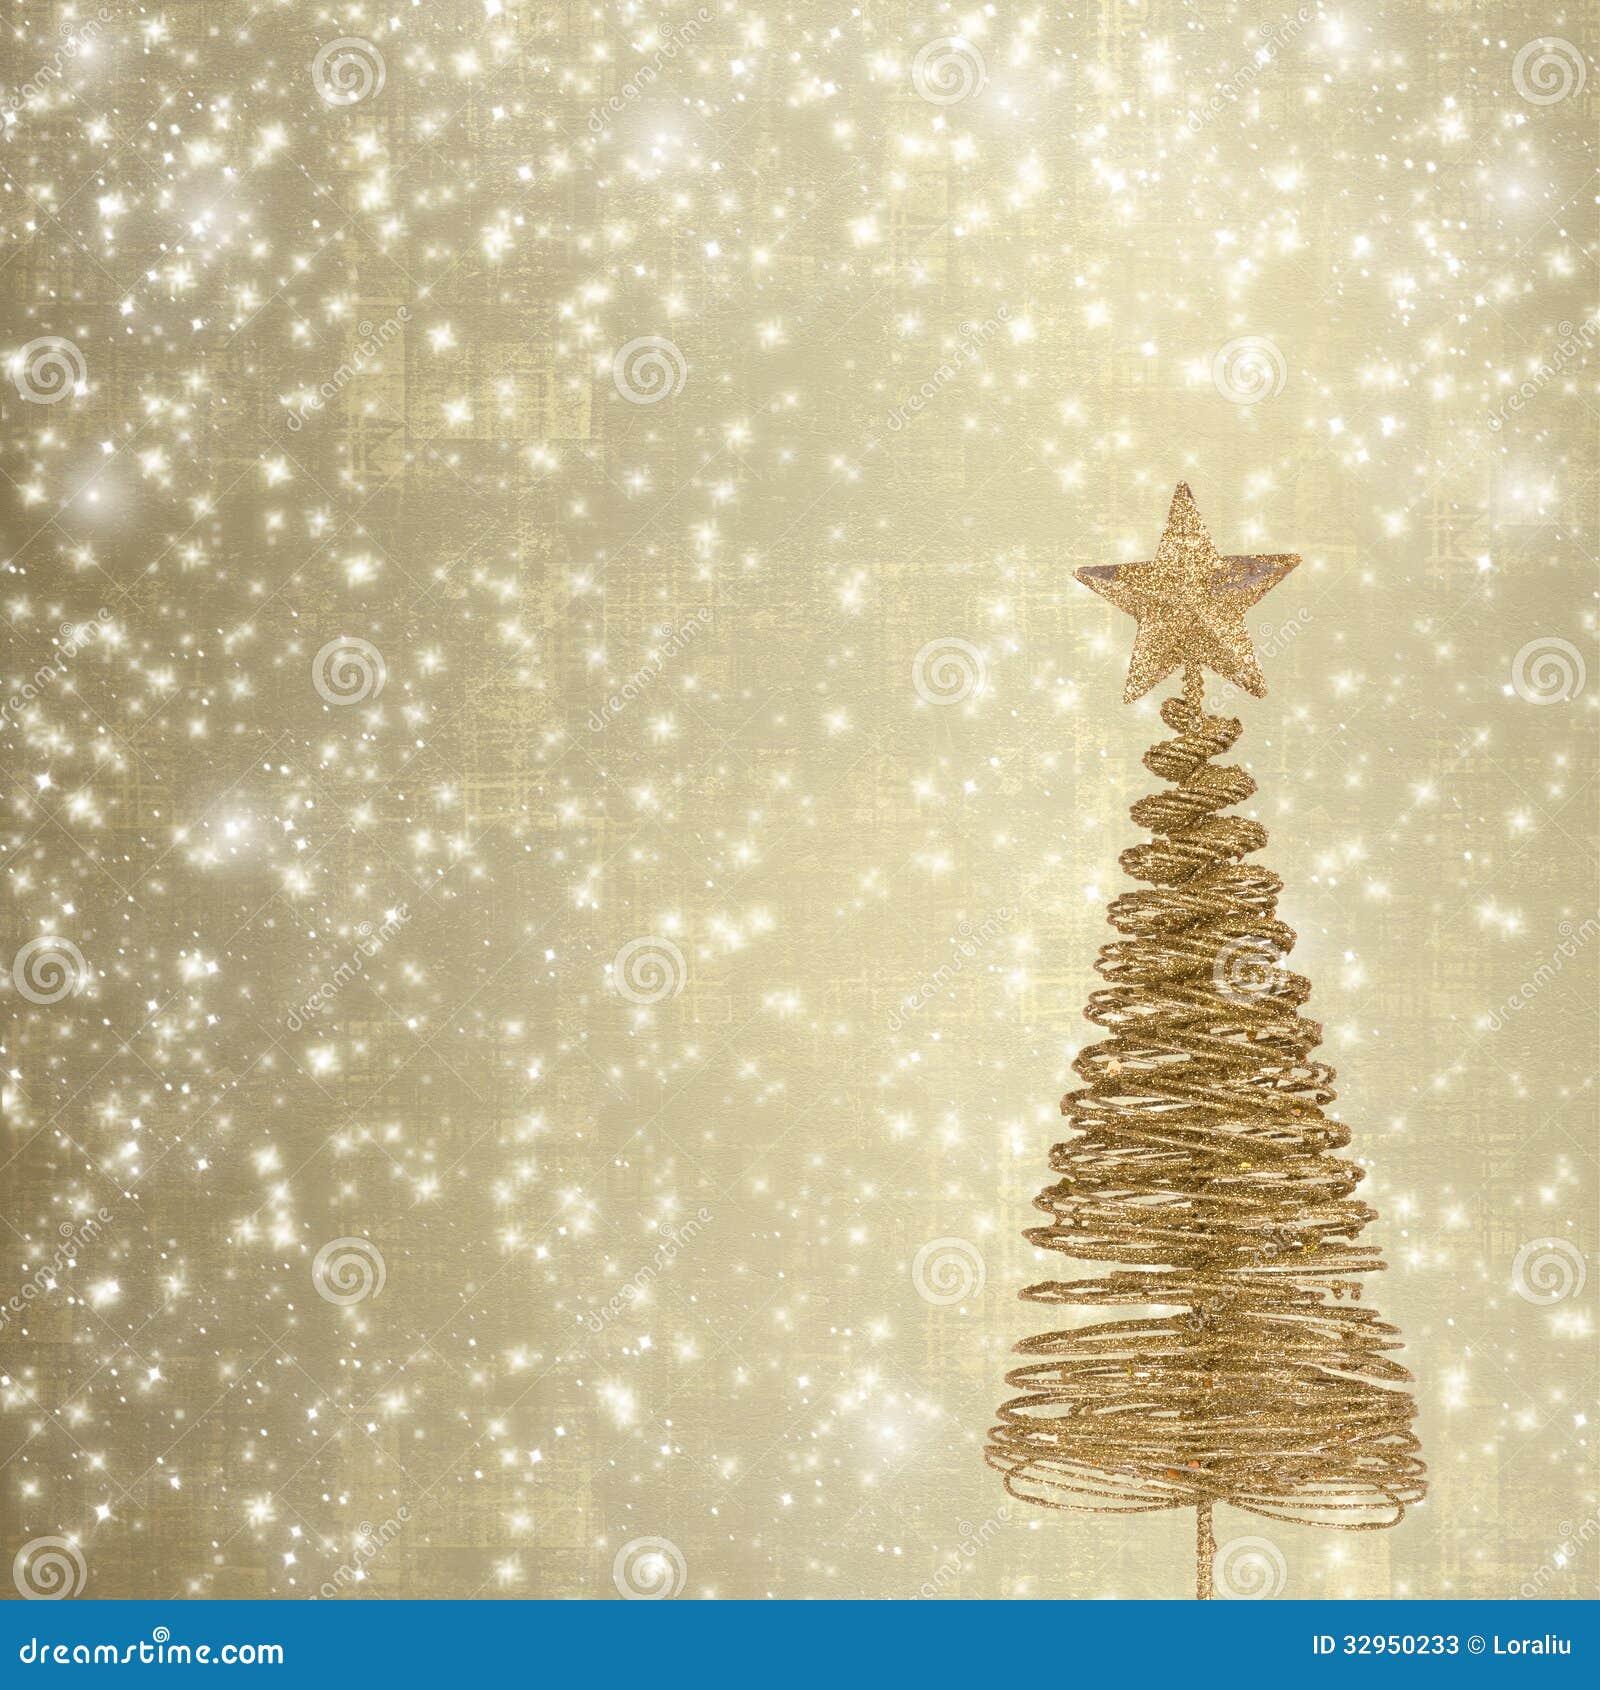 Immagini Natale Oro.Cartolina D Auguri Di Natale Con L Abete Del Metallo Dell Oro